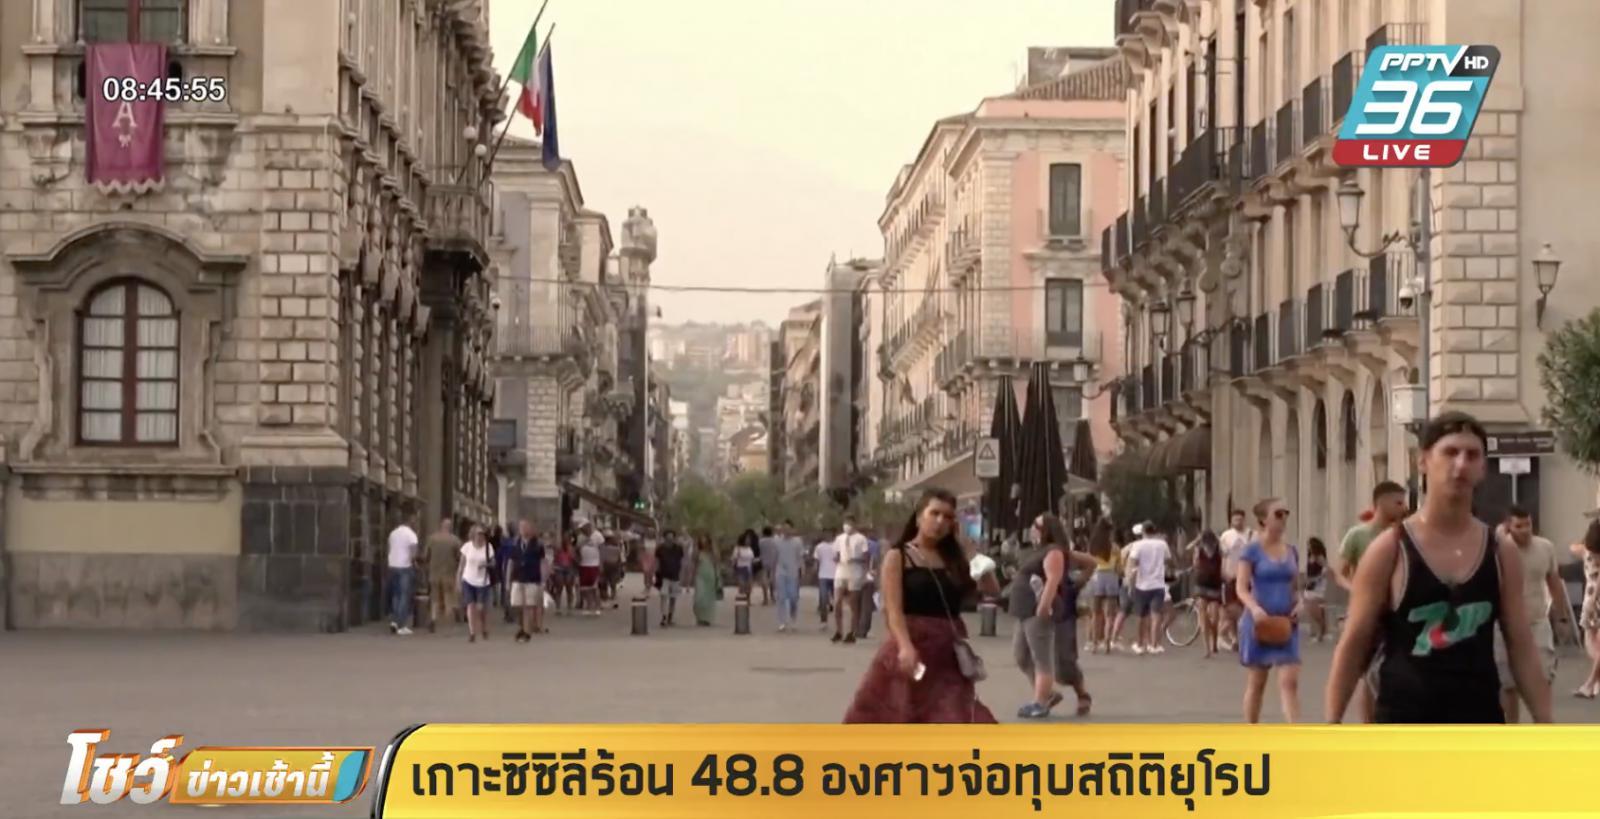 เกาะซิซิลีในอิตาลีร้อน 48 องศา ทุบสถิติยุโรป